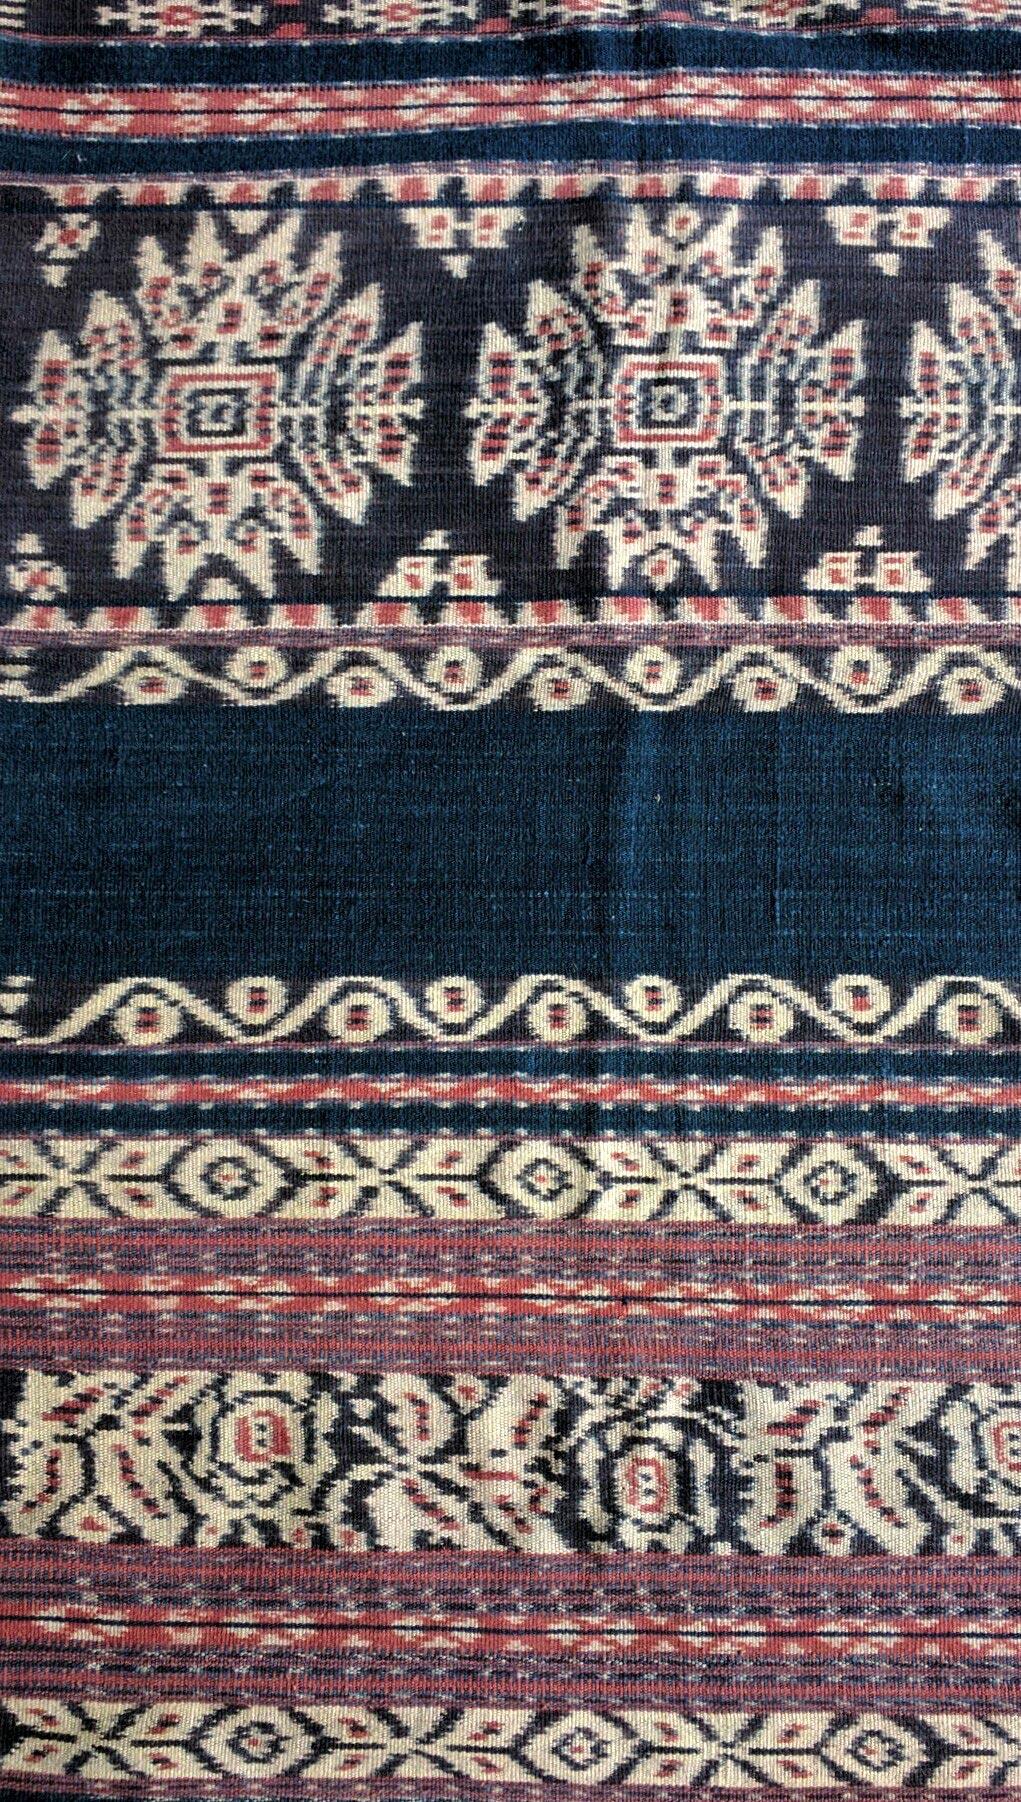 Sumba Ikat Textile 3